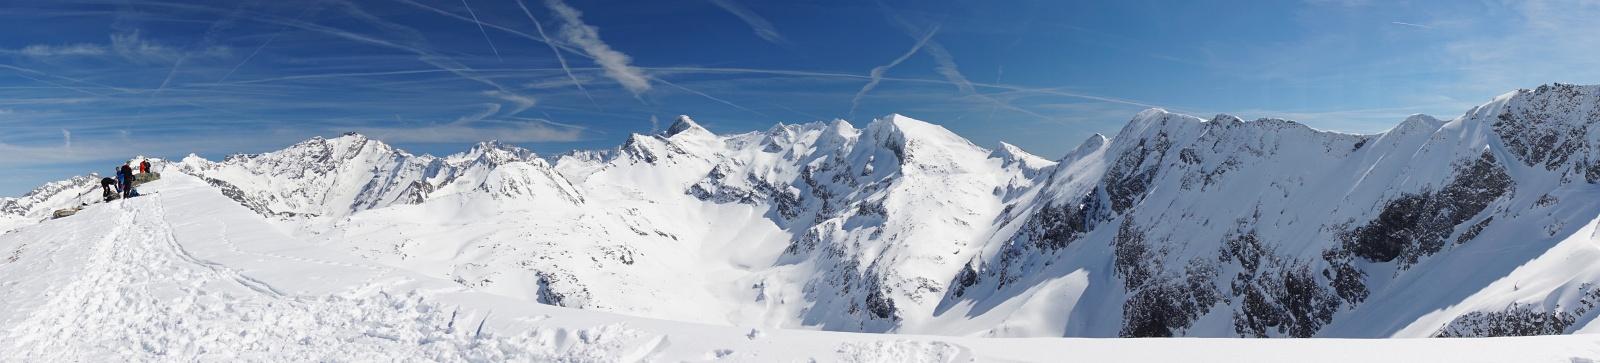 Herrlicher Panoramablick in die Bergwelt der Ankogelgruppe